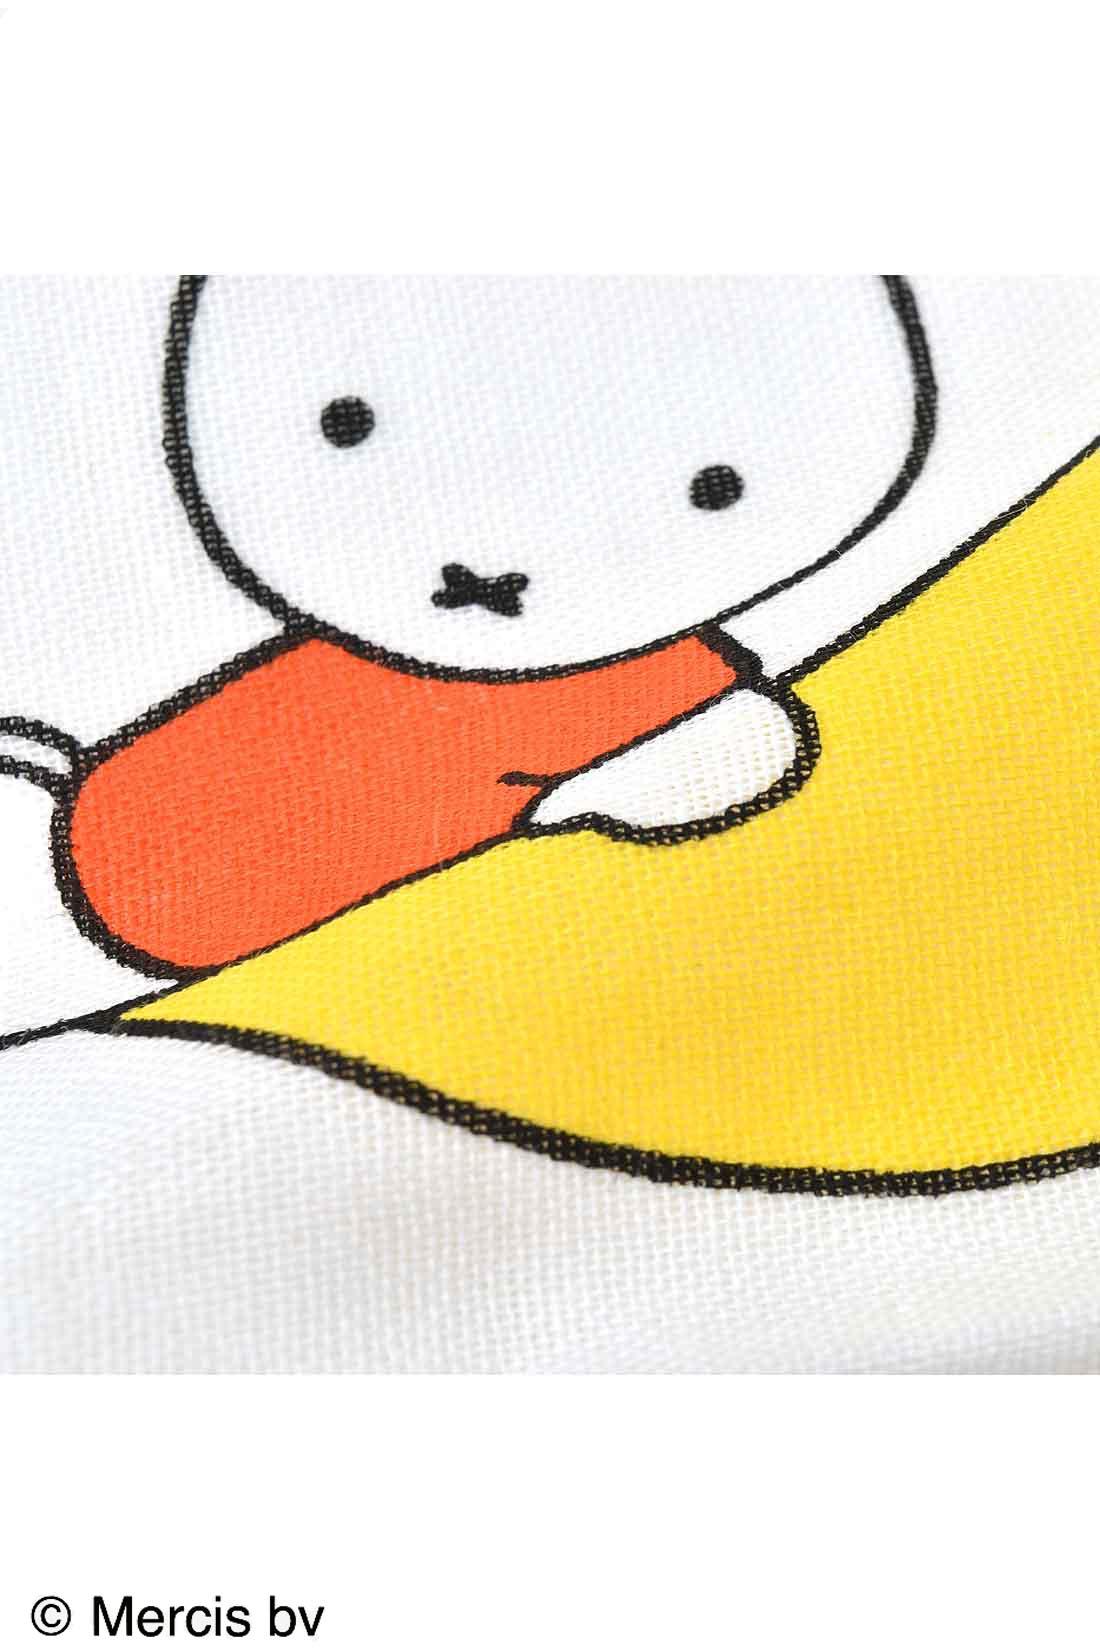 無漂白コットン100%のやさしいガーゼだから、赤ちゃんの肌にもぴったり。